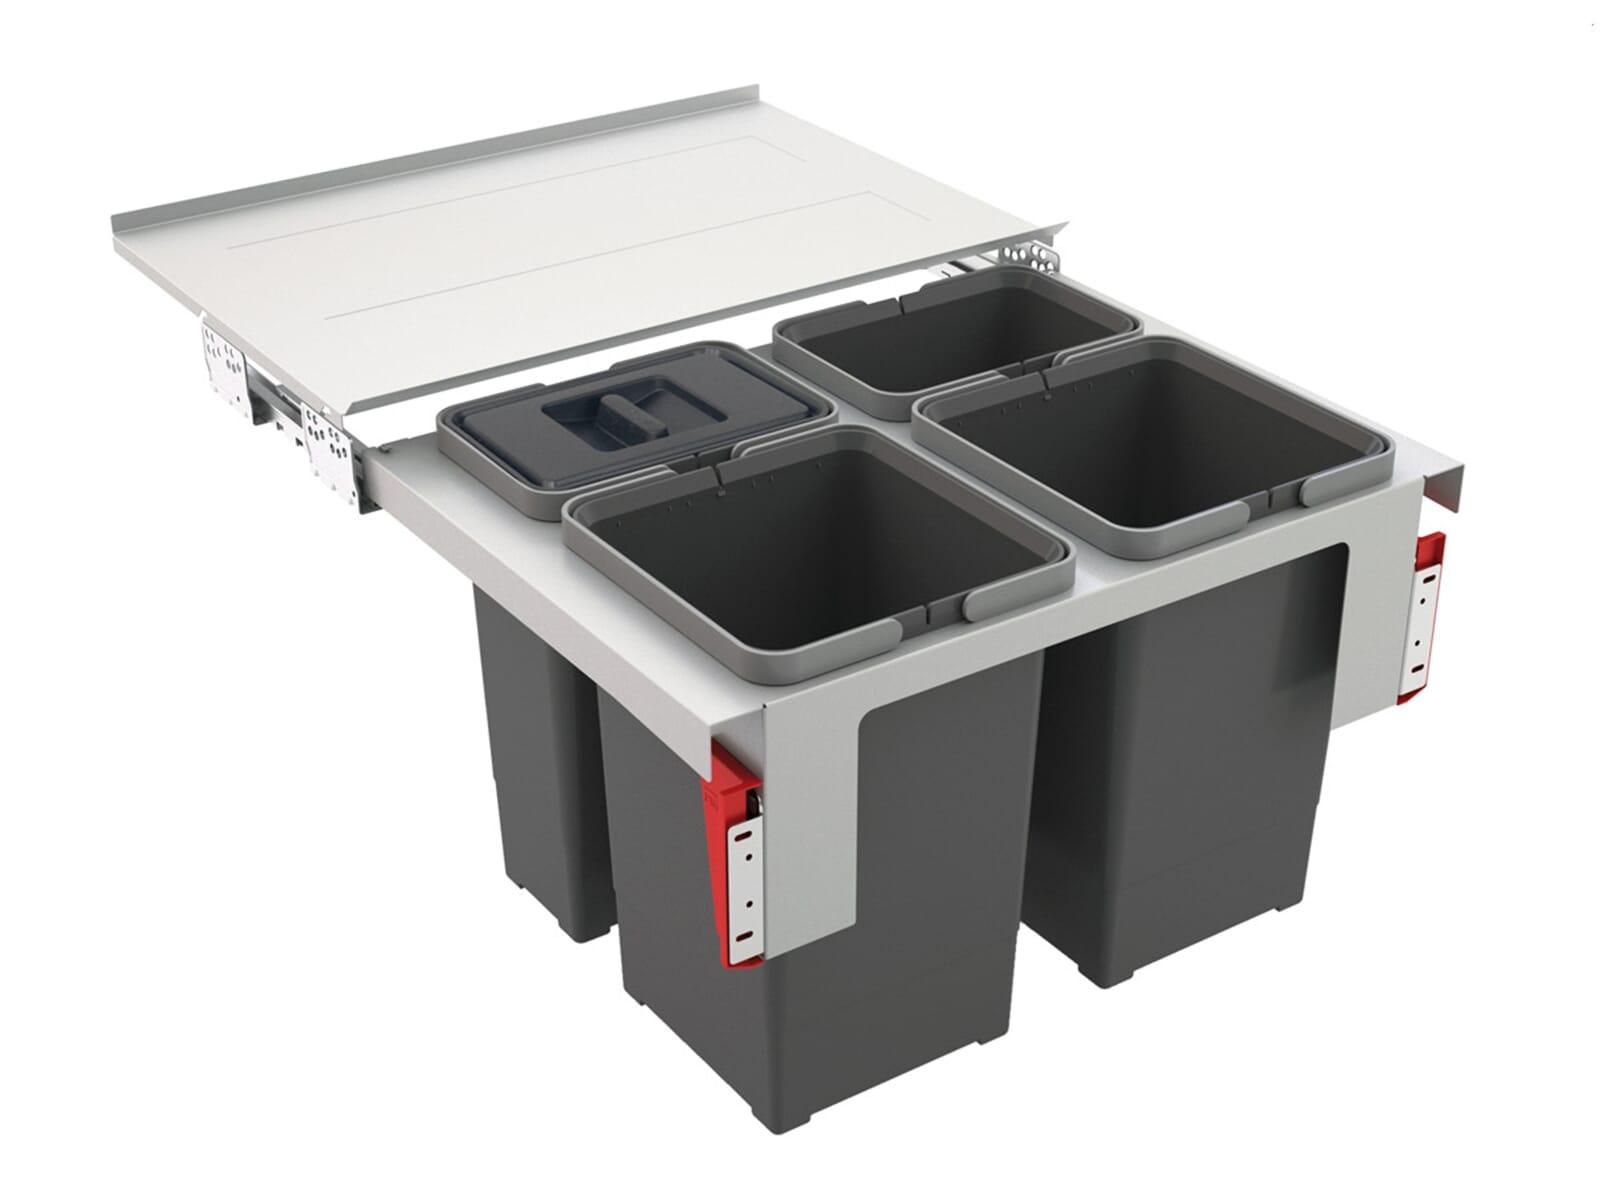 Produktabbildung Franke Sorter Garbo 60-4 - 121.0200.676 Einbau Abfallsammler